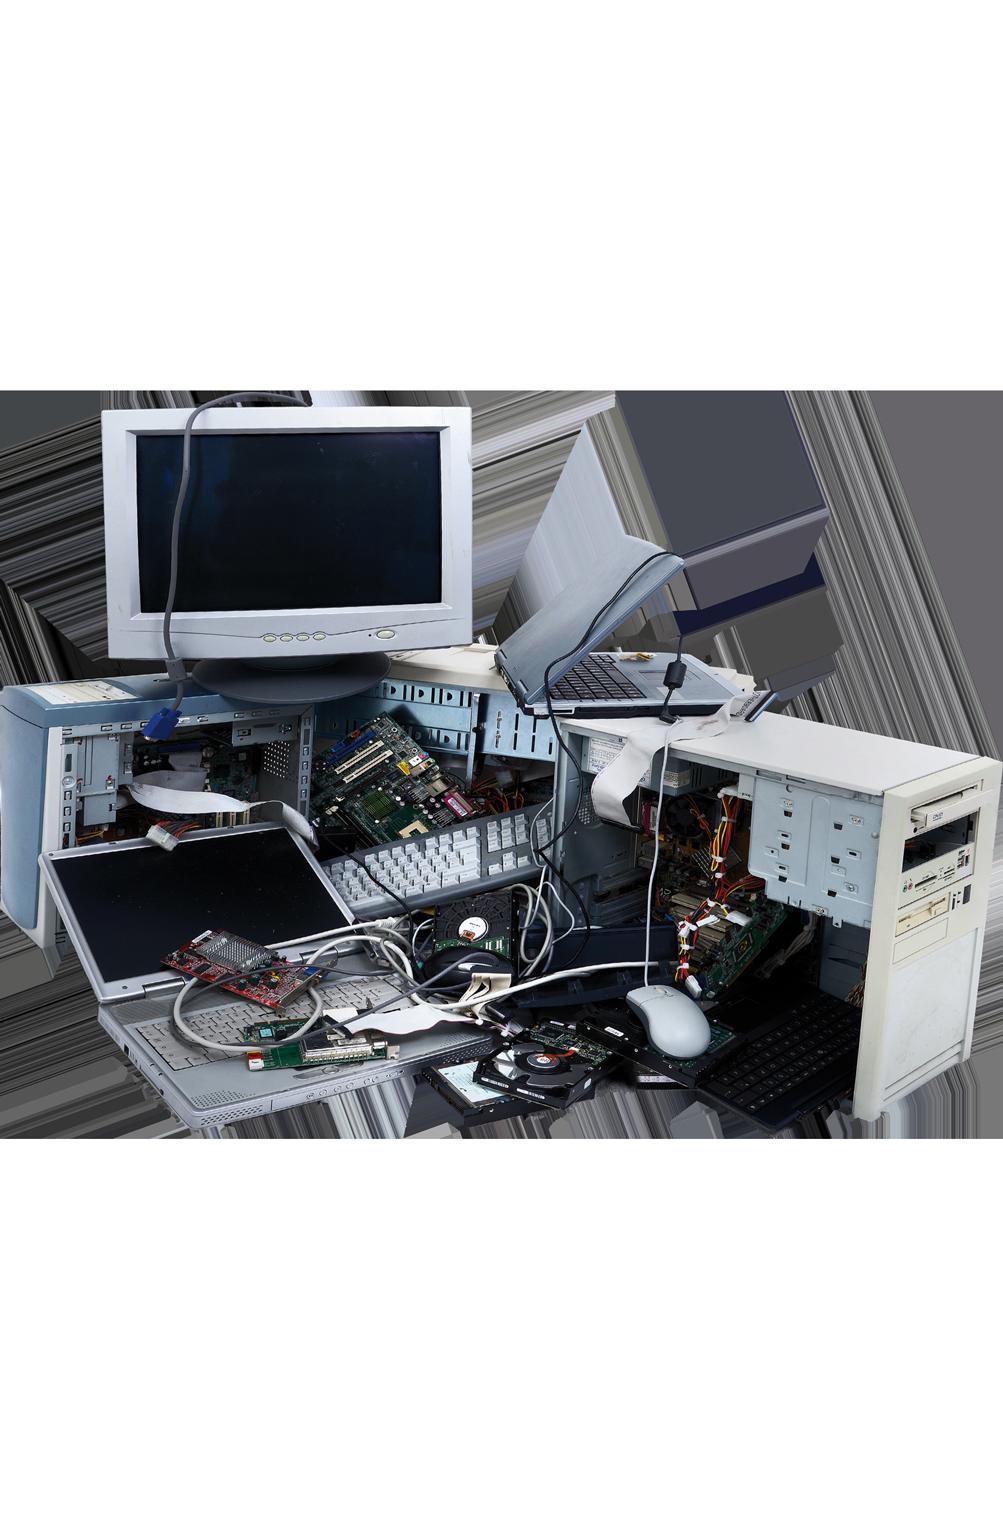 Rifiuti hi-tech e materiale elettronico